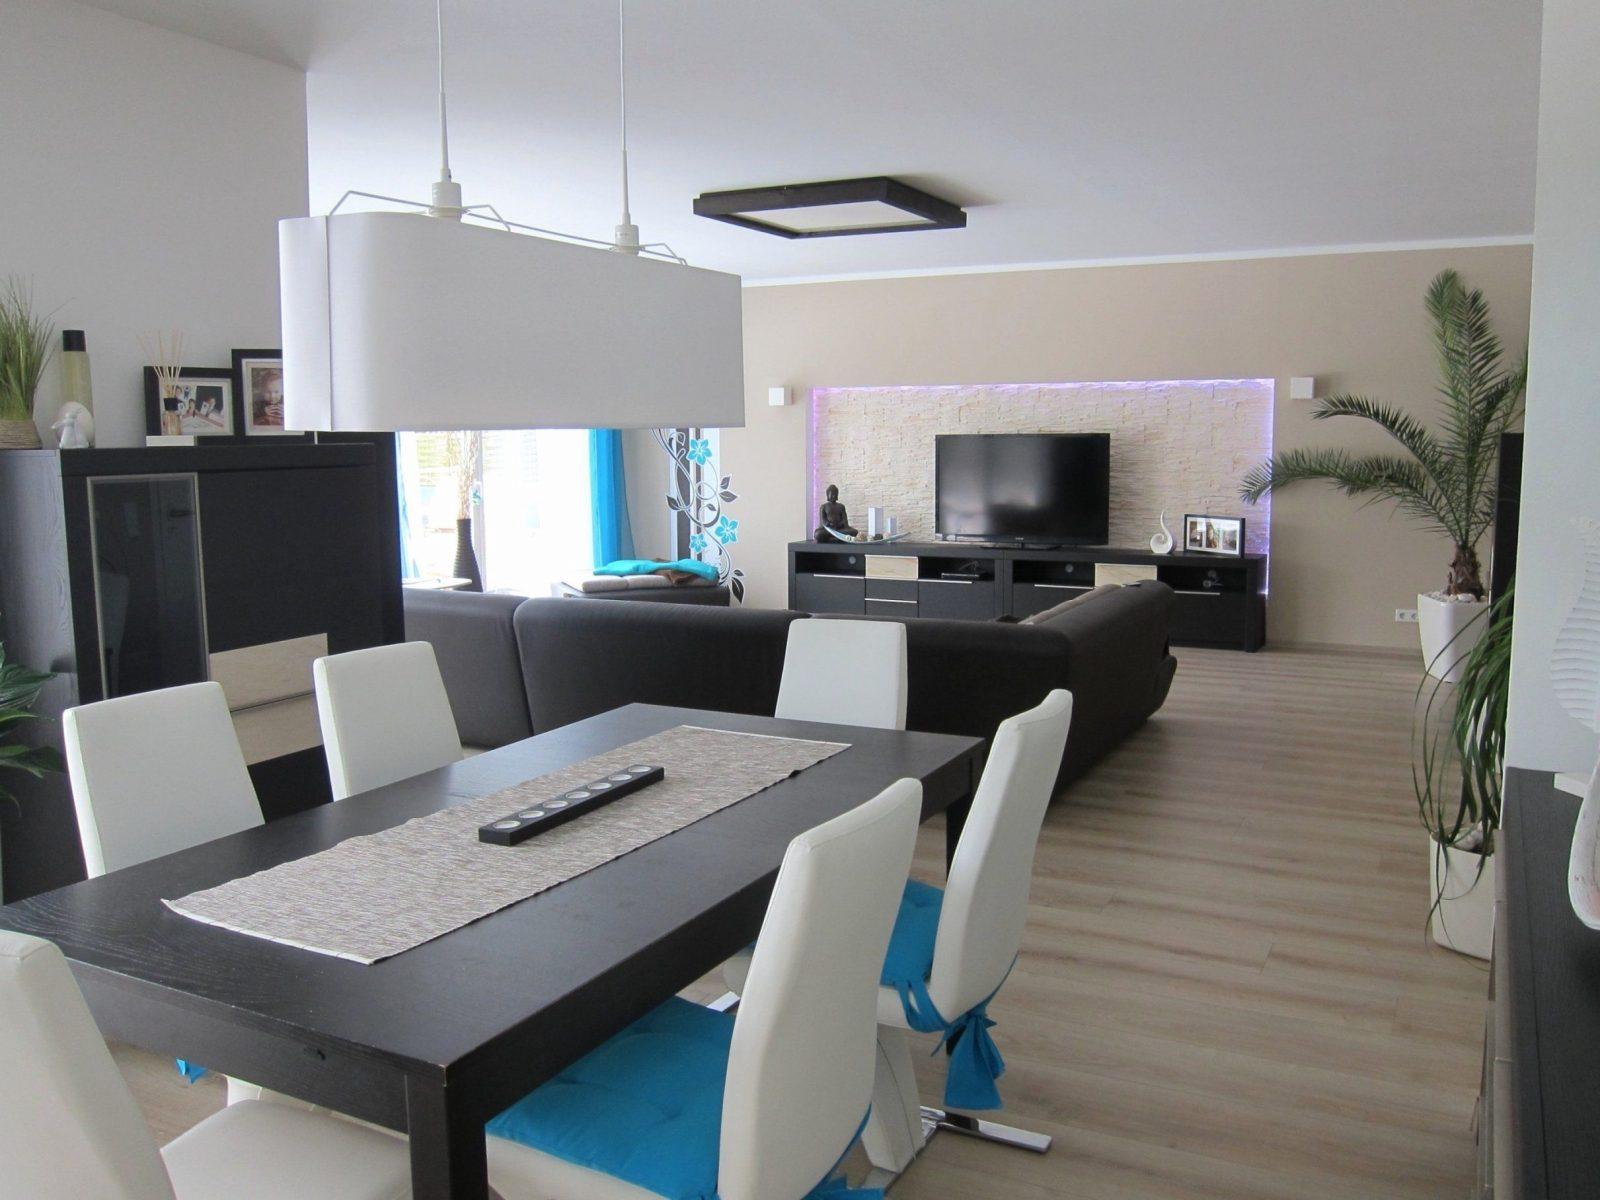 Erstaunlich Wohnzimmer Esszimmer Ideen Zusammen Mit Oder In von Wohn Und Esszimmer Kleiner Raum Photo